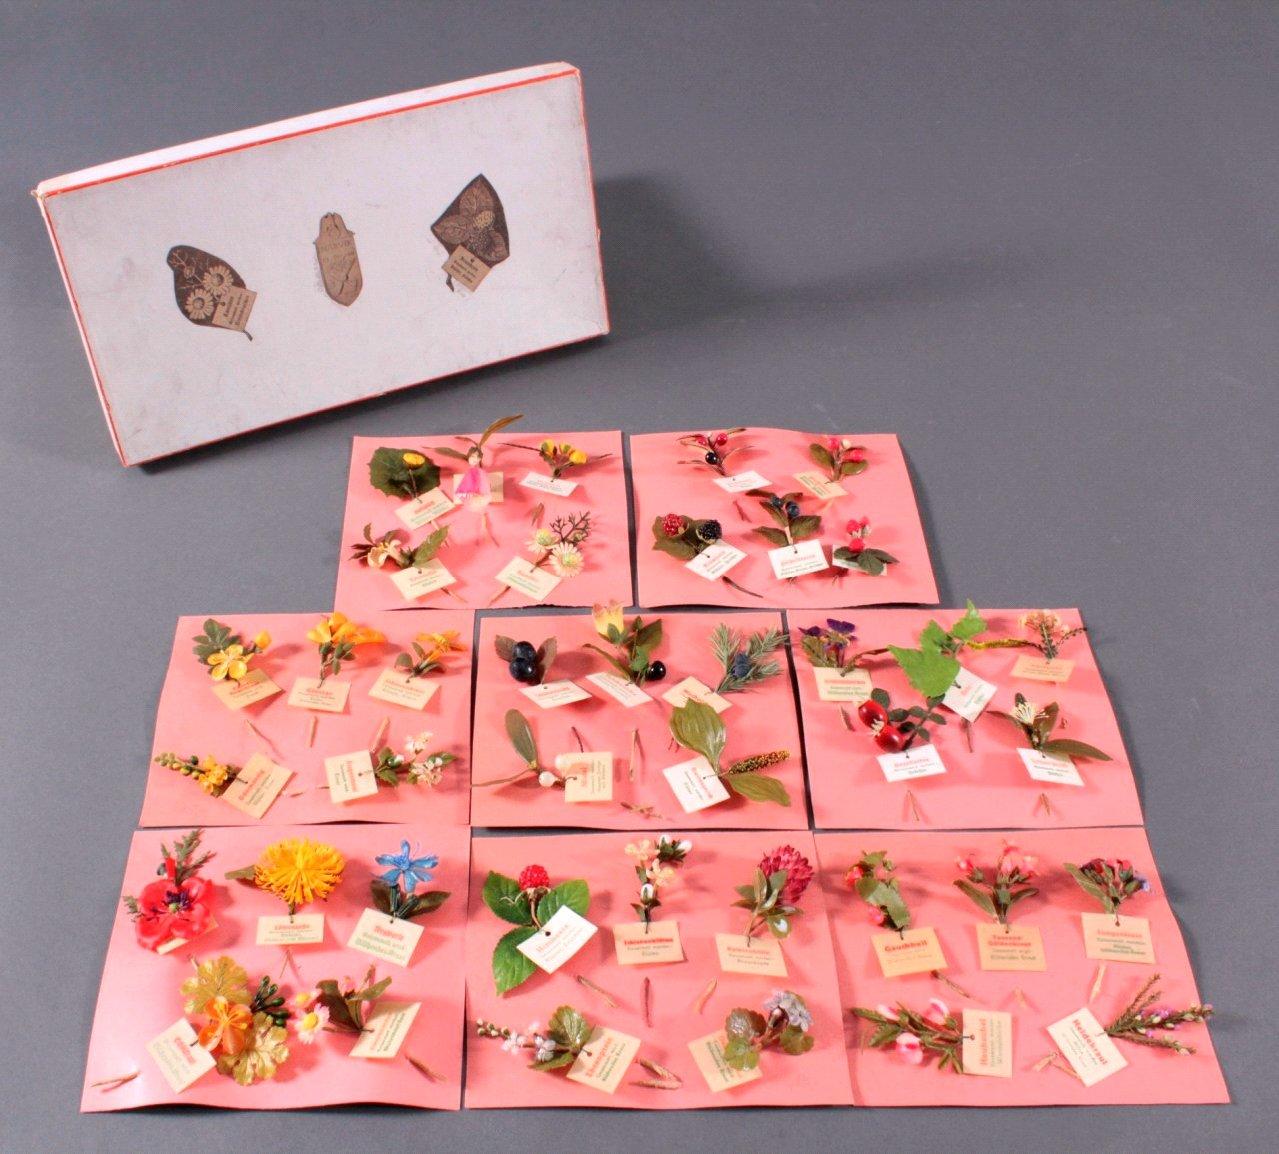 Sammlung WHW Abzeichen, Heimische Pflanzen und Früchte